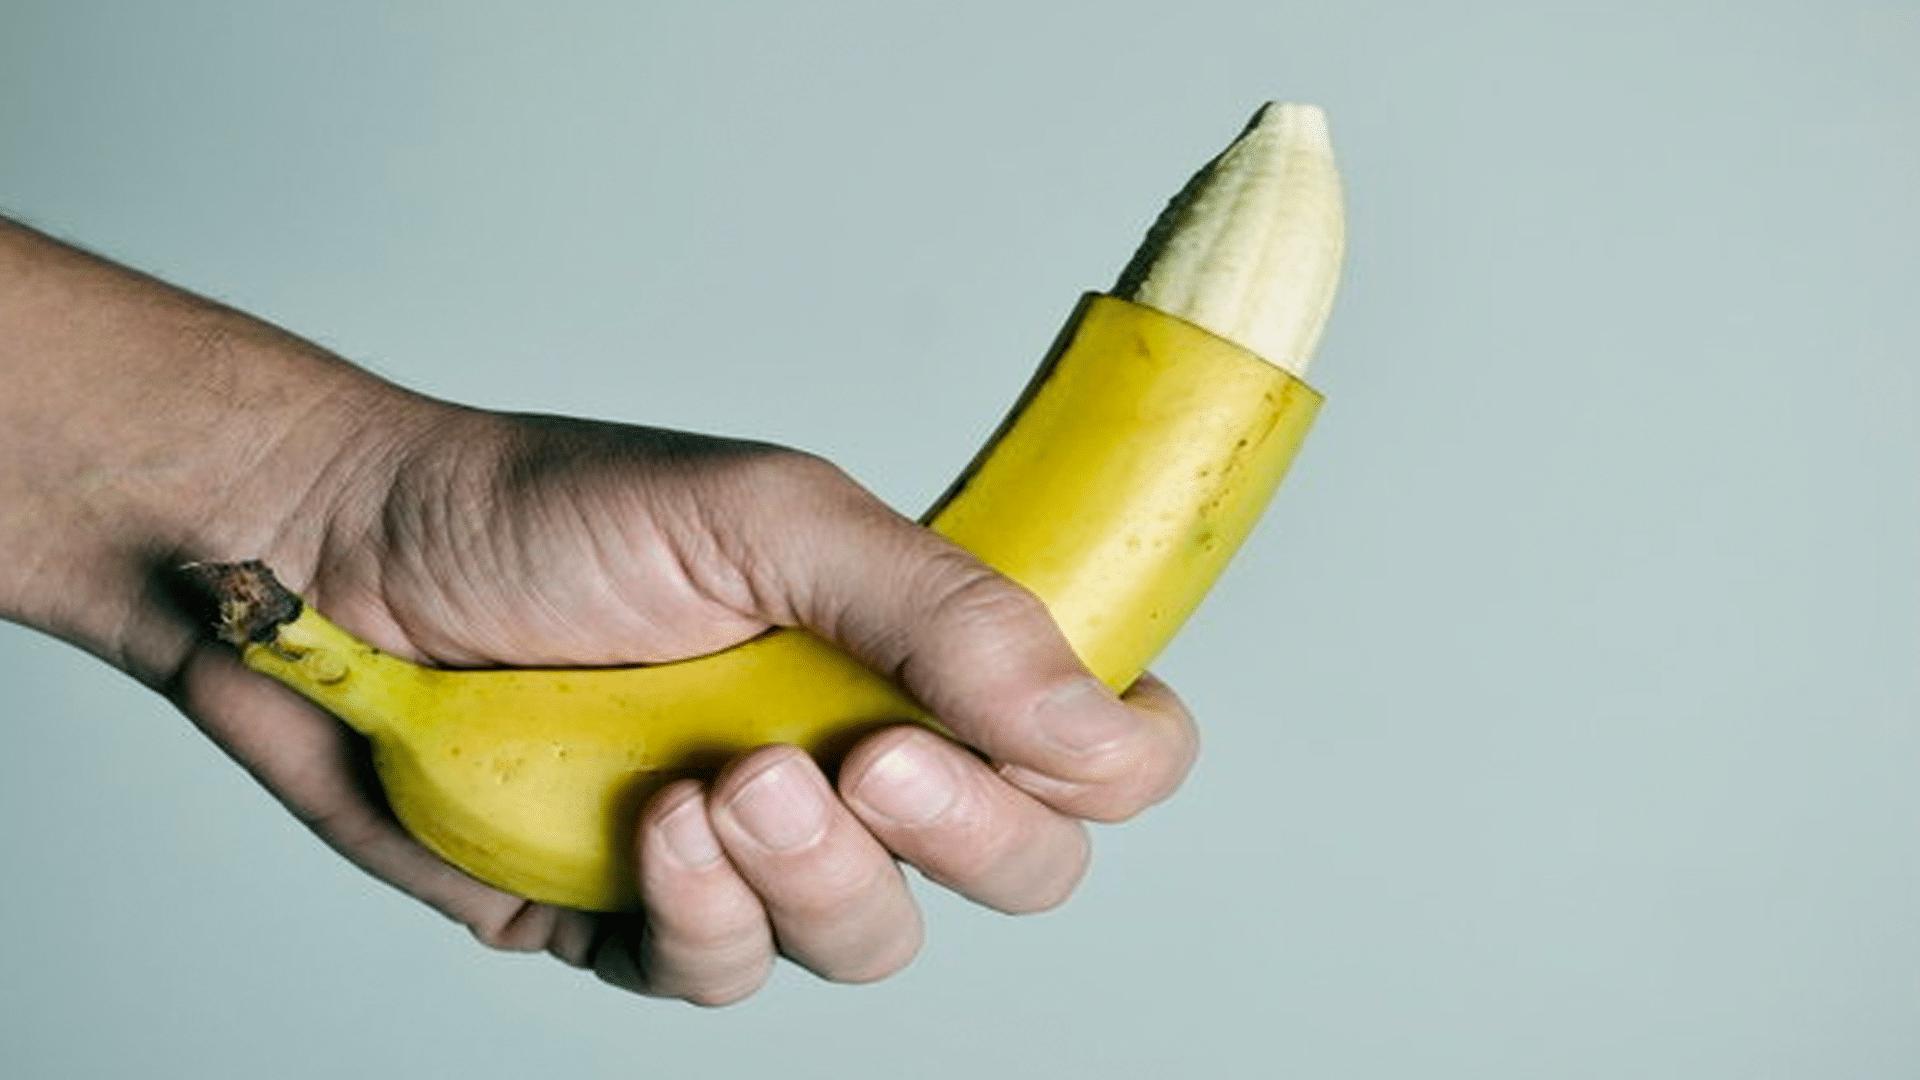 """""""ขลิบ"""" อวัยวะเพศชาย มีประโยชน์ และไม่น่ากลัวอย่างที่คิด"""